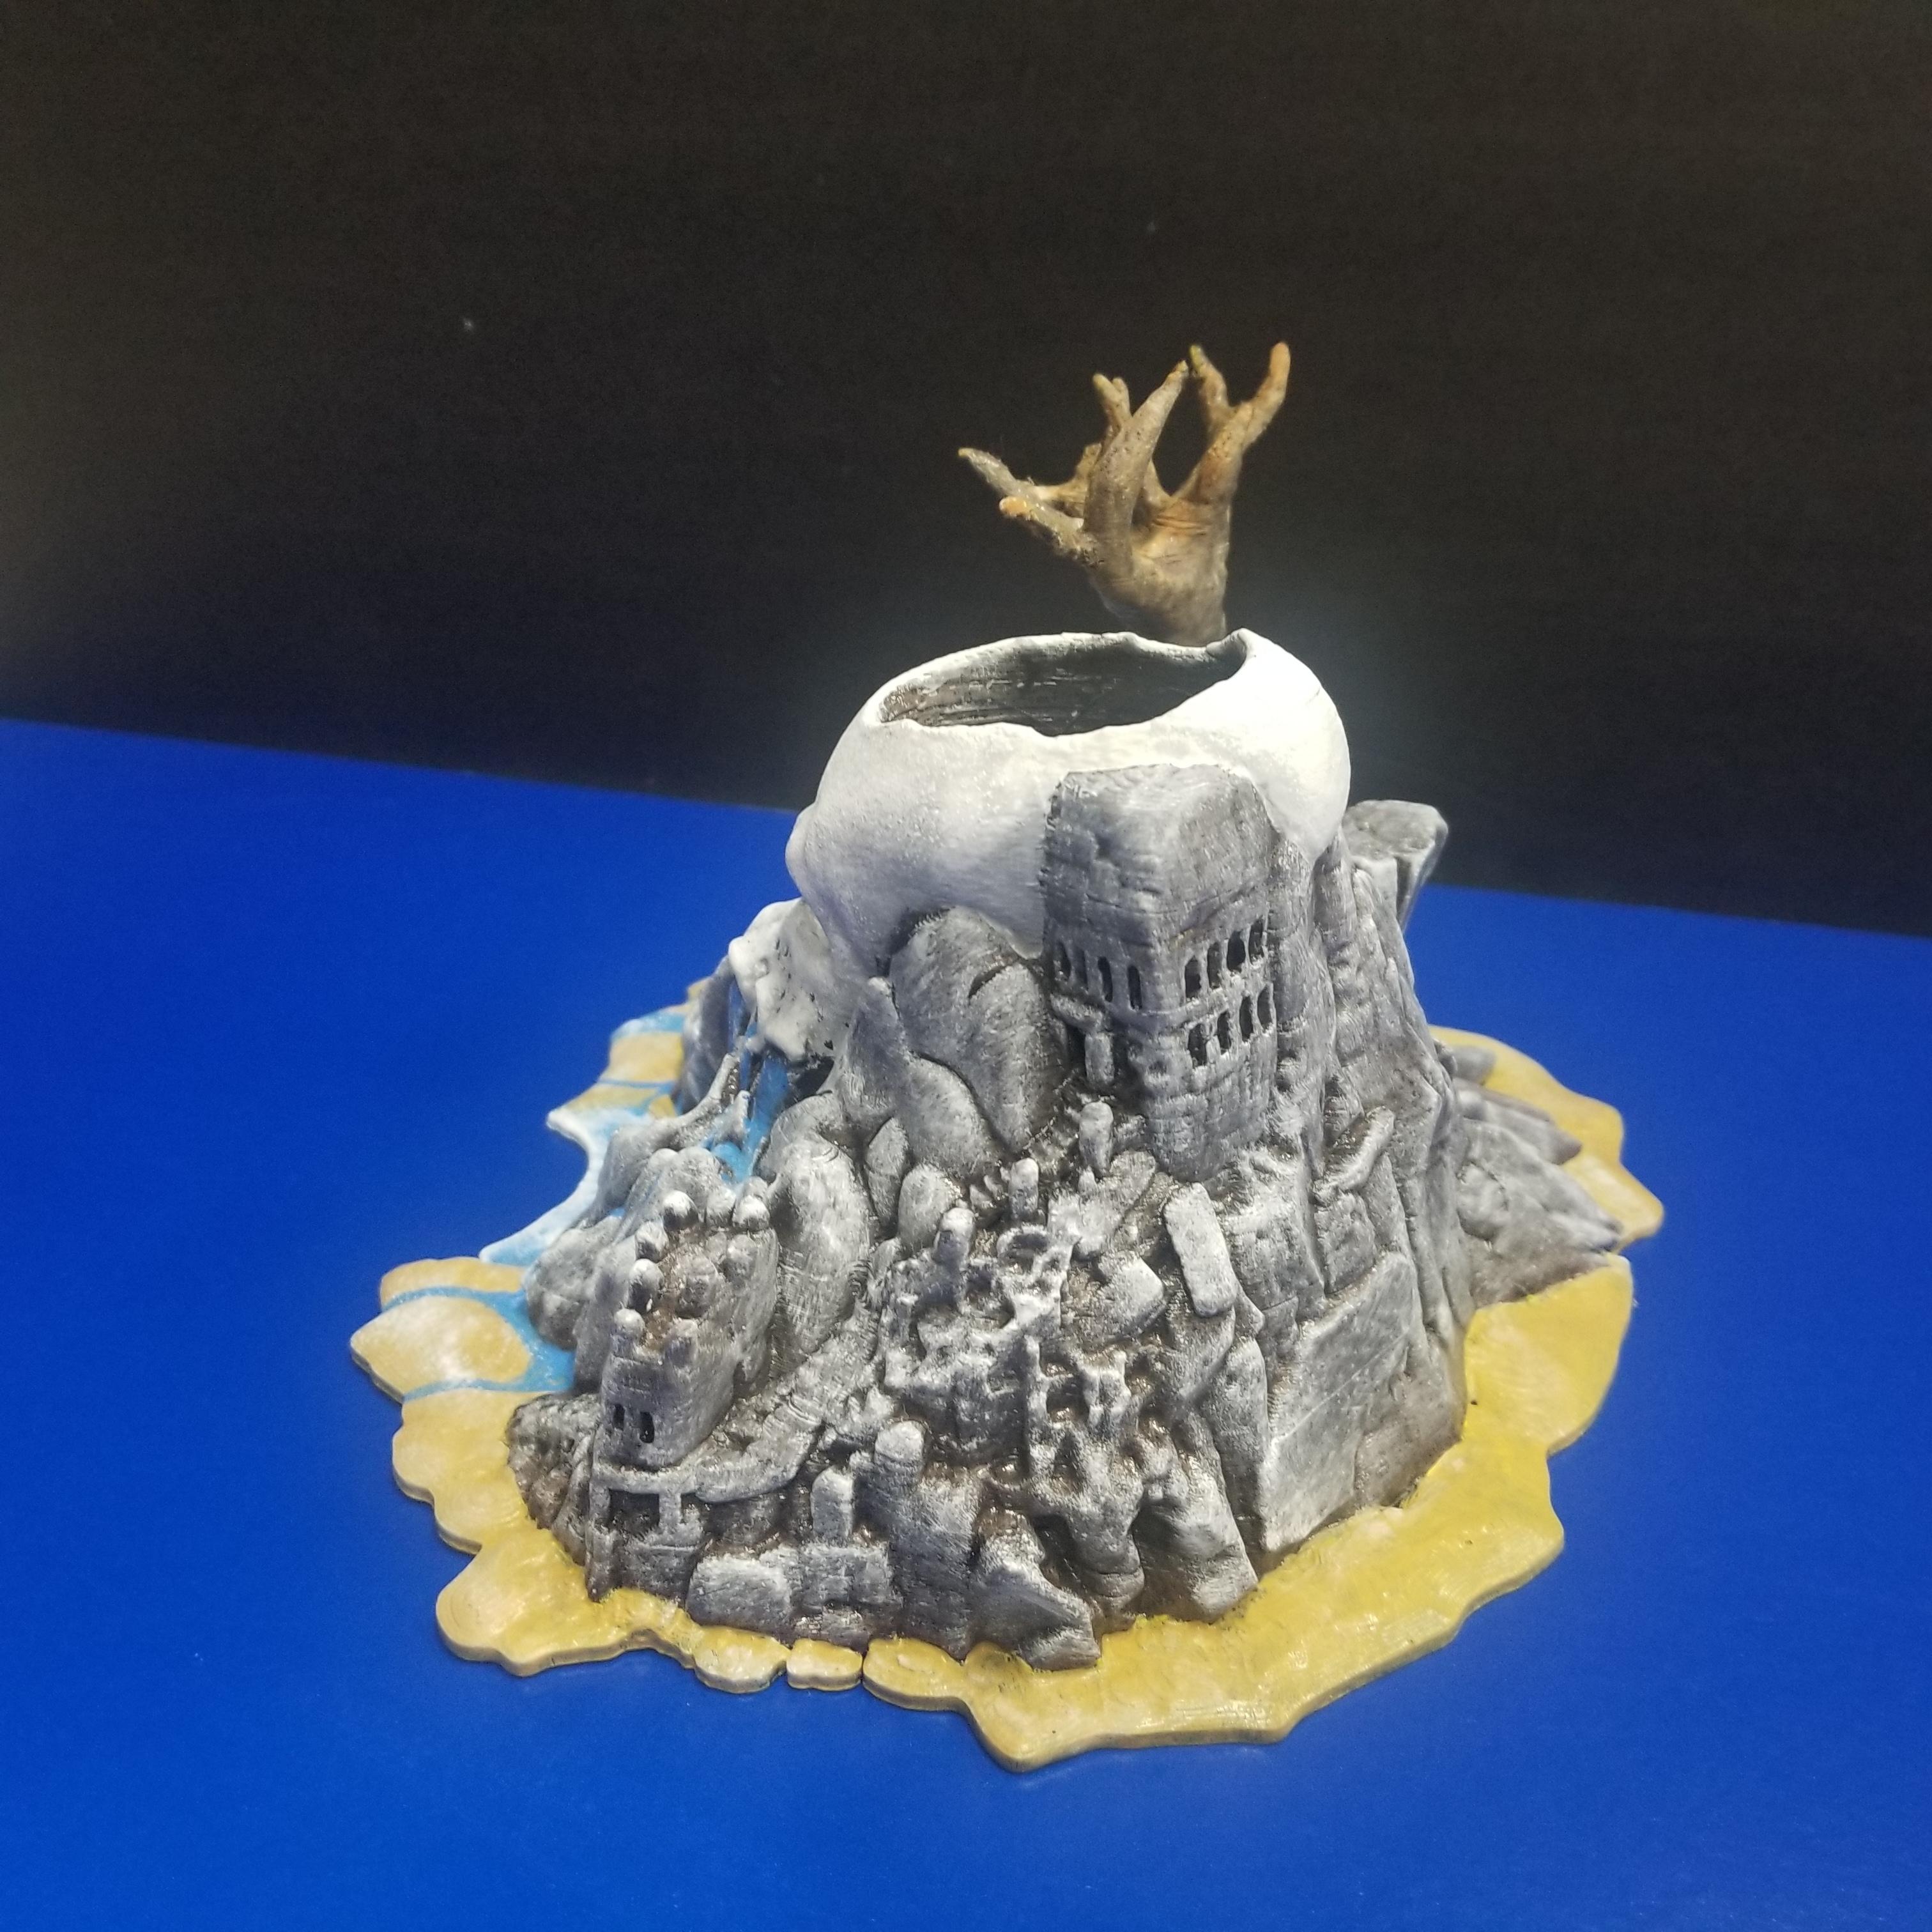 20200125_214507.jpg Download free STL file Cthulhu Island • 3D printable design, LittleTup